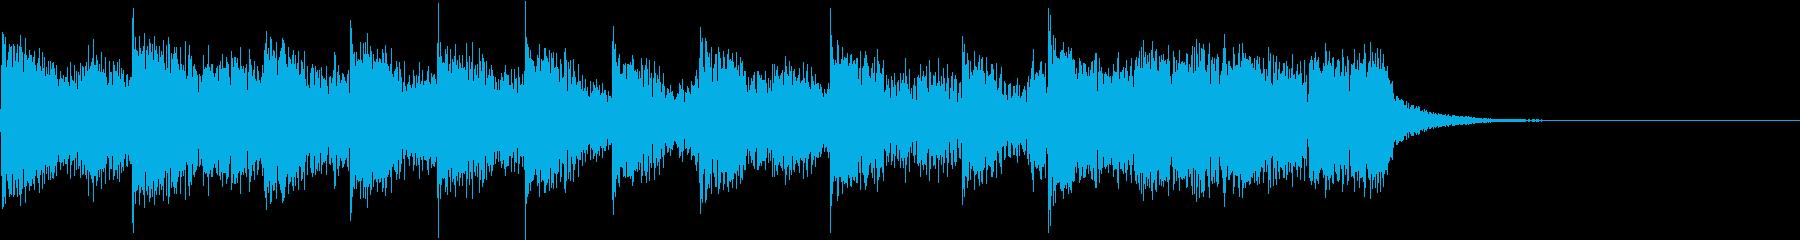 和太鼓と尺八、おごそか シンプルで荘厳の再生済みの波形